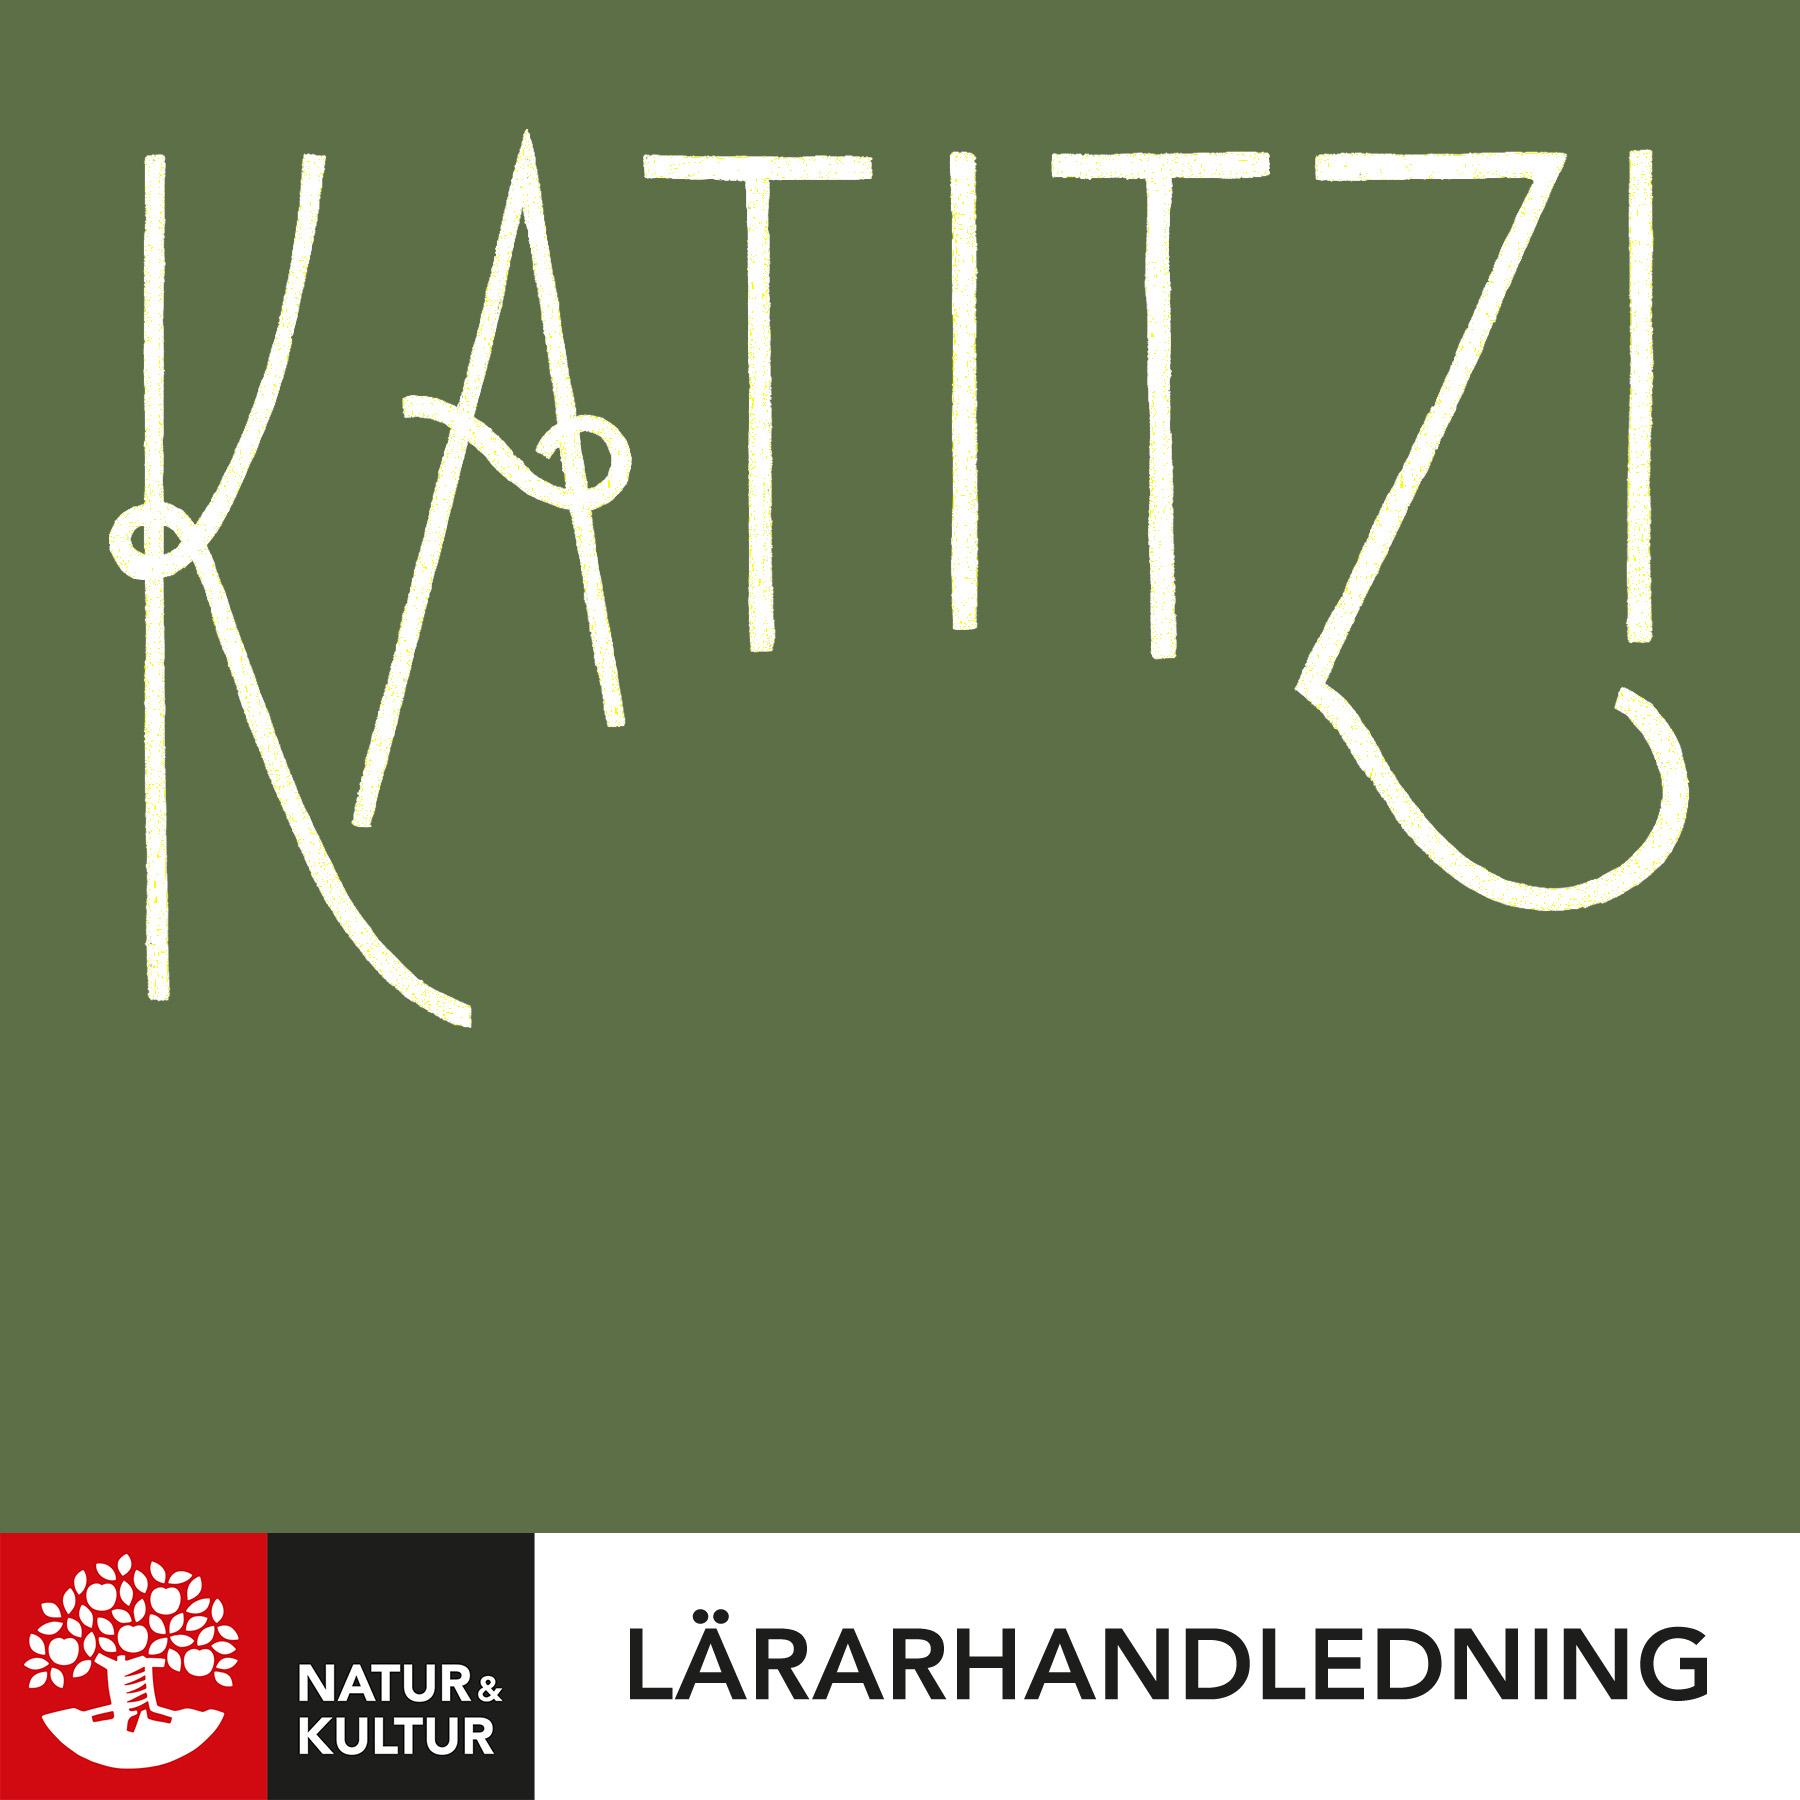 Katitzi och Swing, lärarhandledning